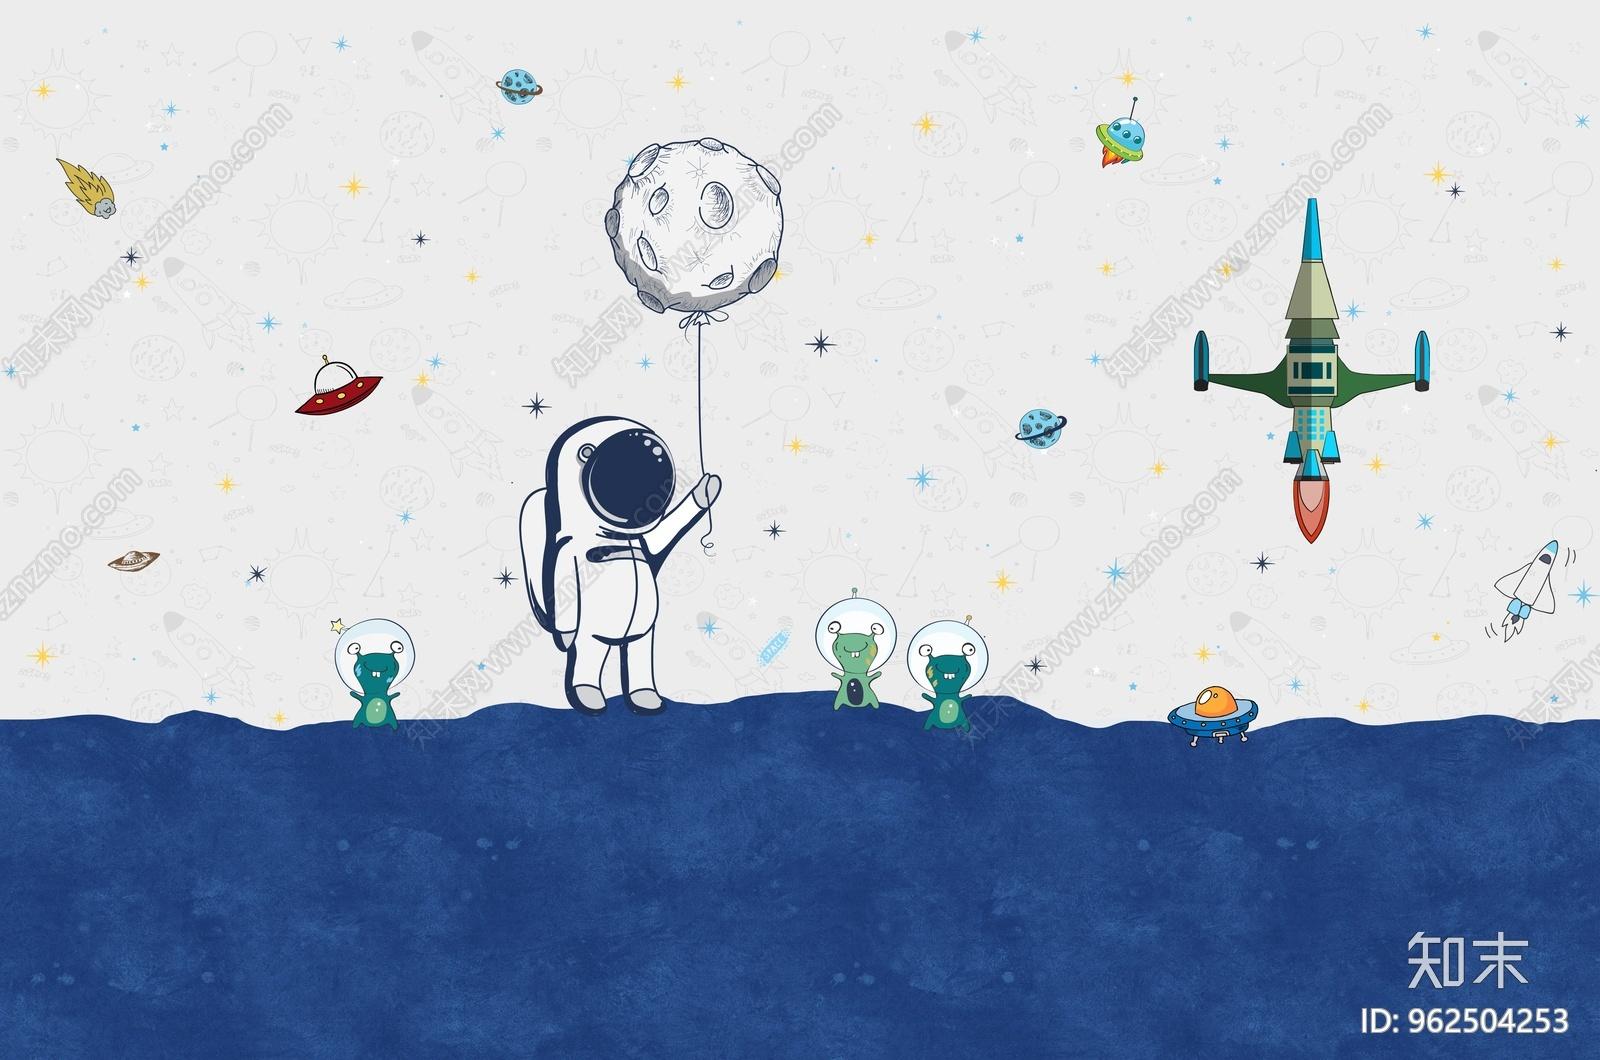 儿童壁纸壁画宇航员贴图下载【ID:962504253】